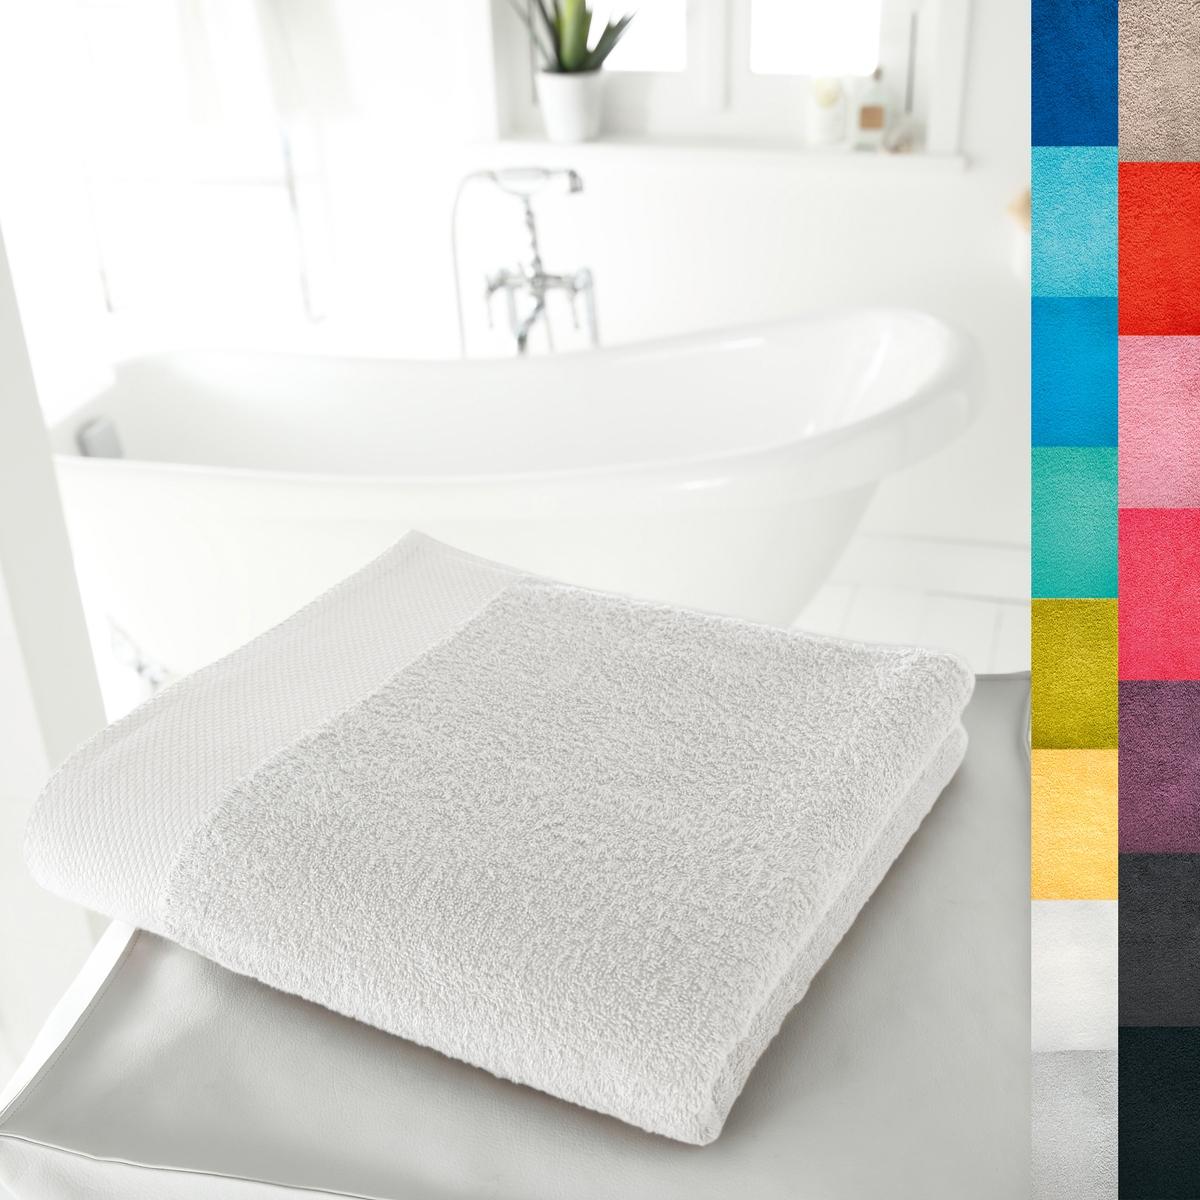 Полотенце банное, 420 г/м²